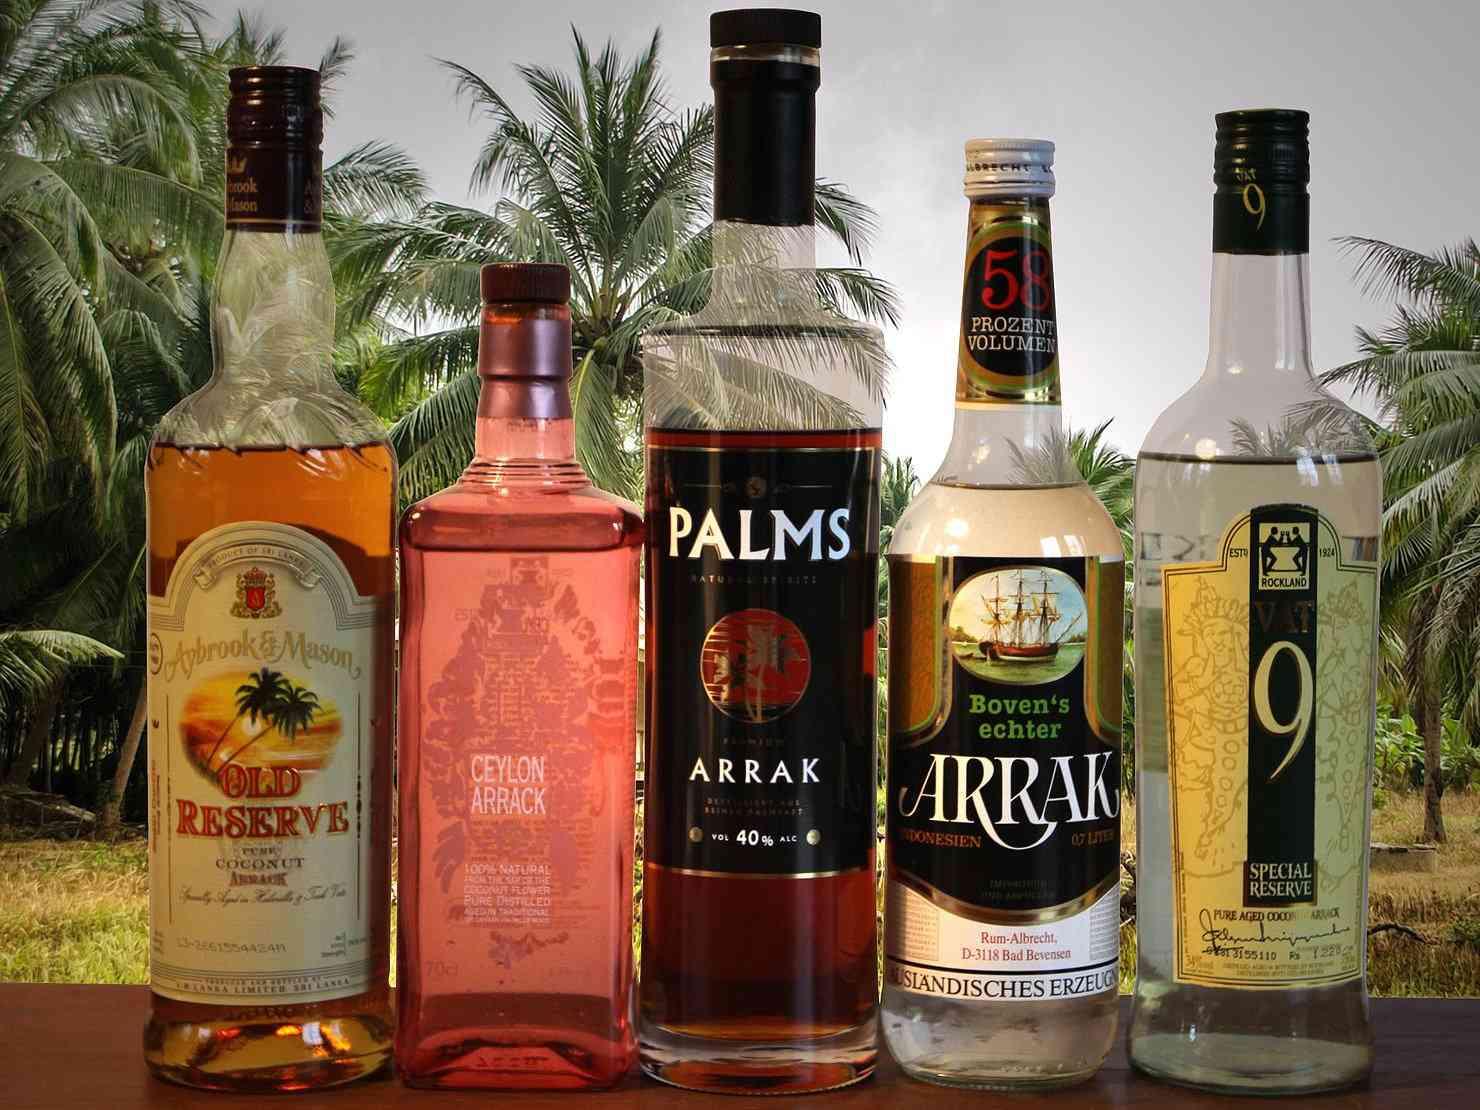 A araca do Ceilão é um tipo de destilado feito de seiva de palma que agora pode ser experimentado em todo o mundo